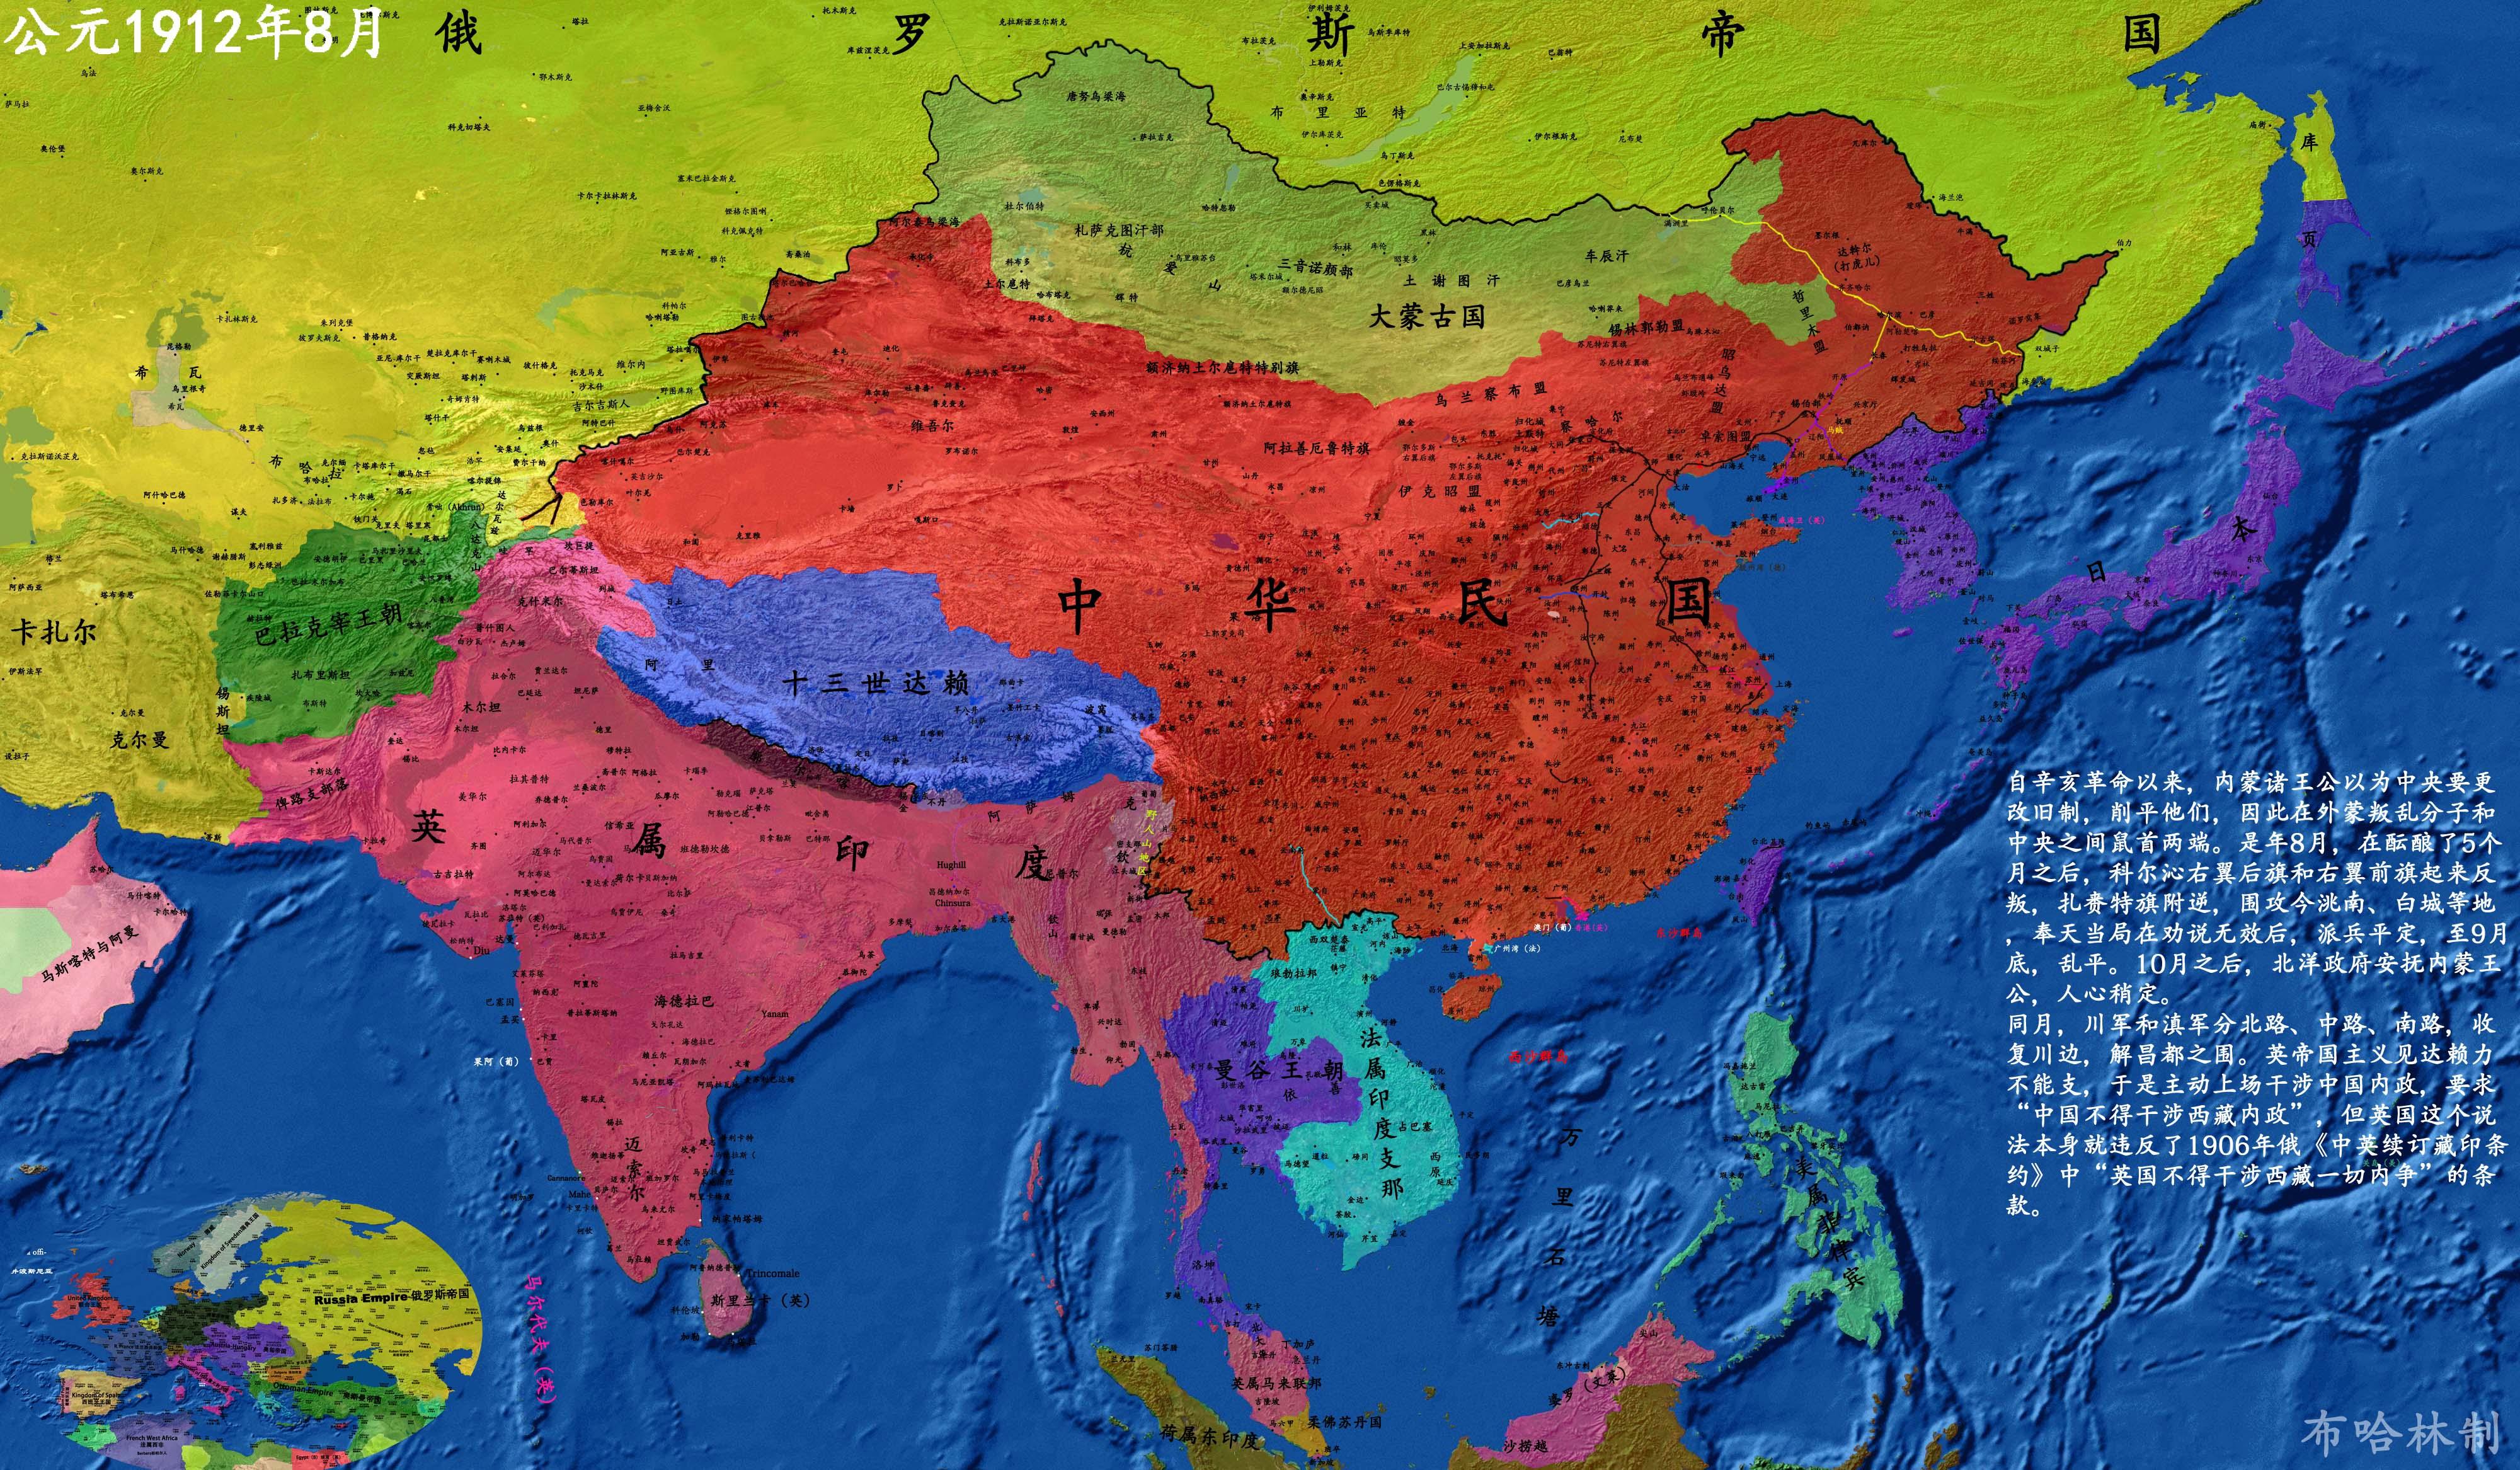 详细中国历史地图版本3--孙中山先生逝世